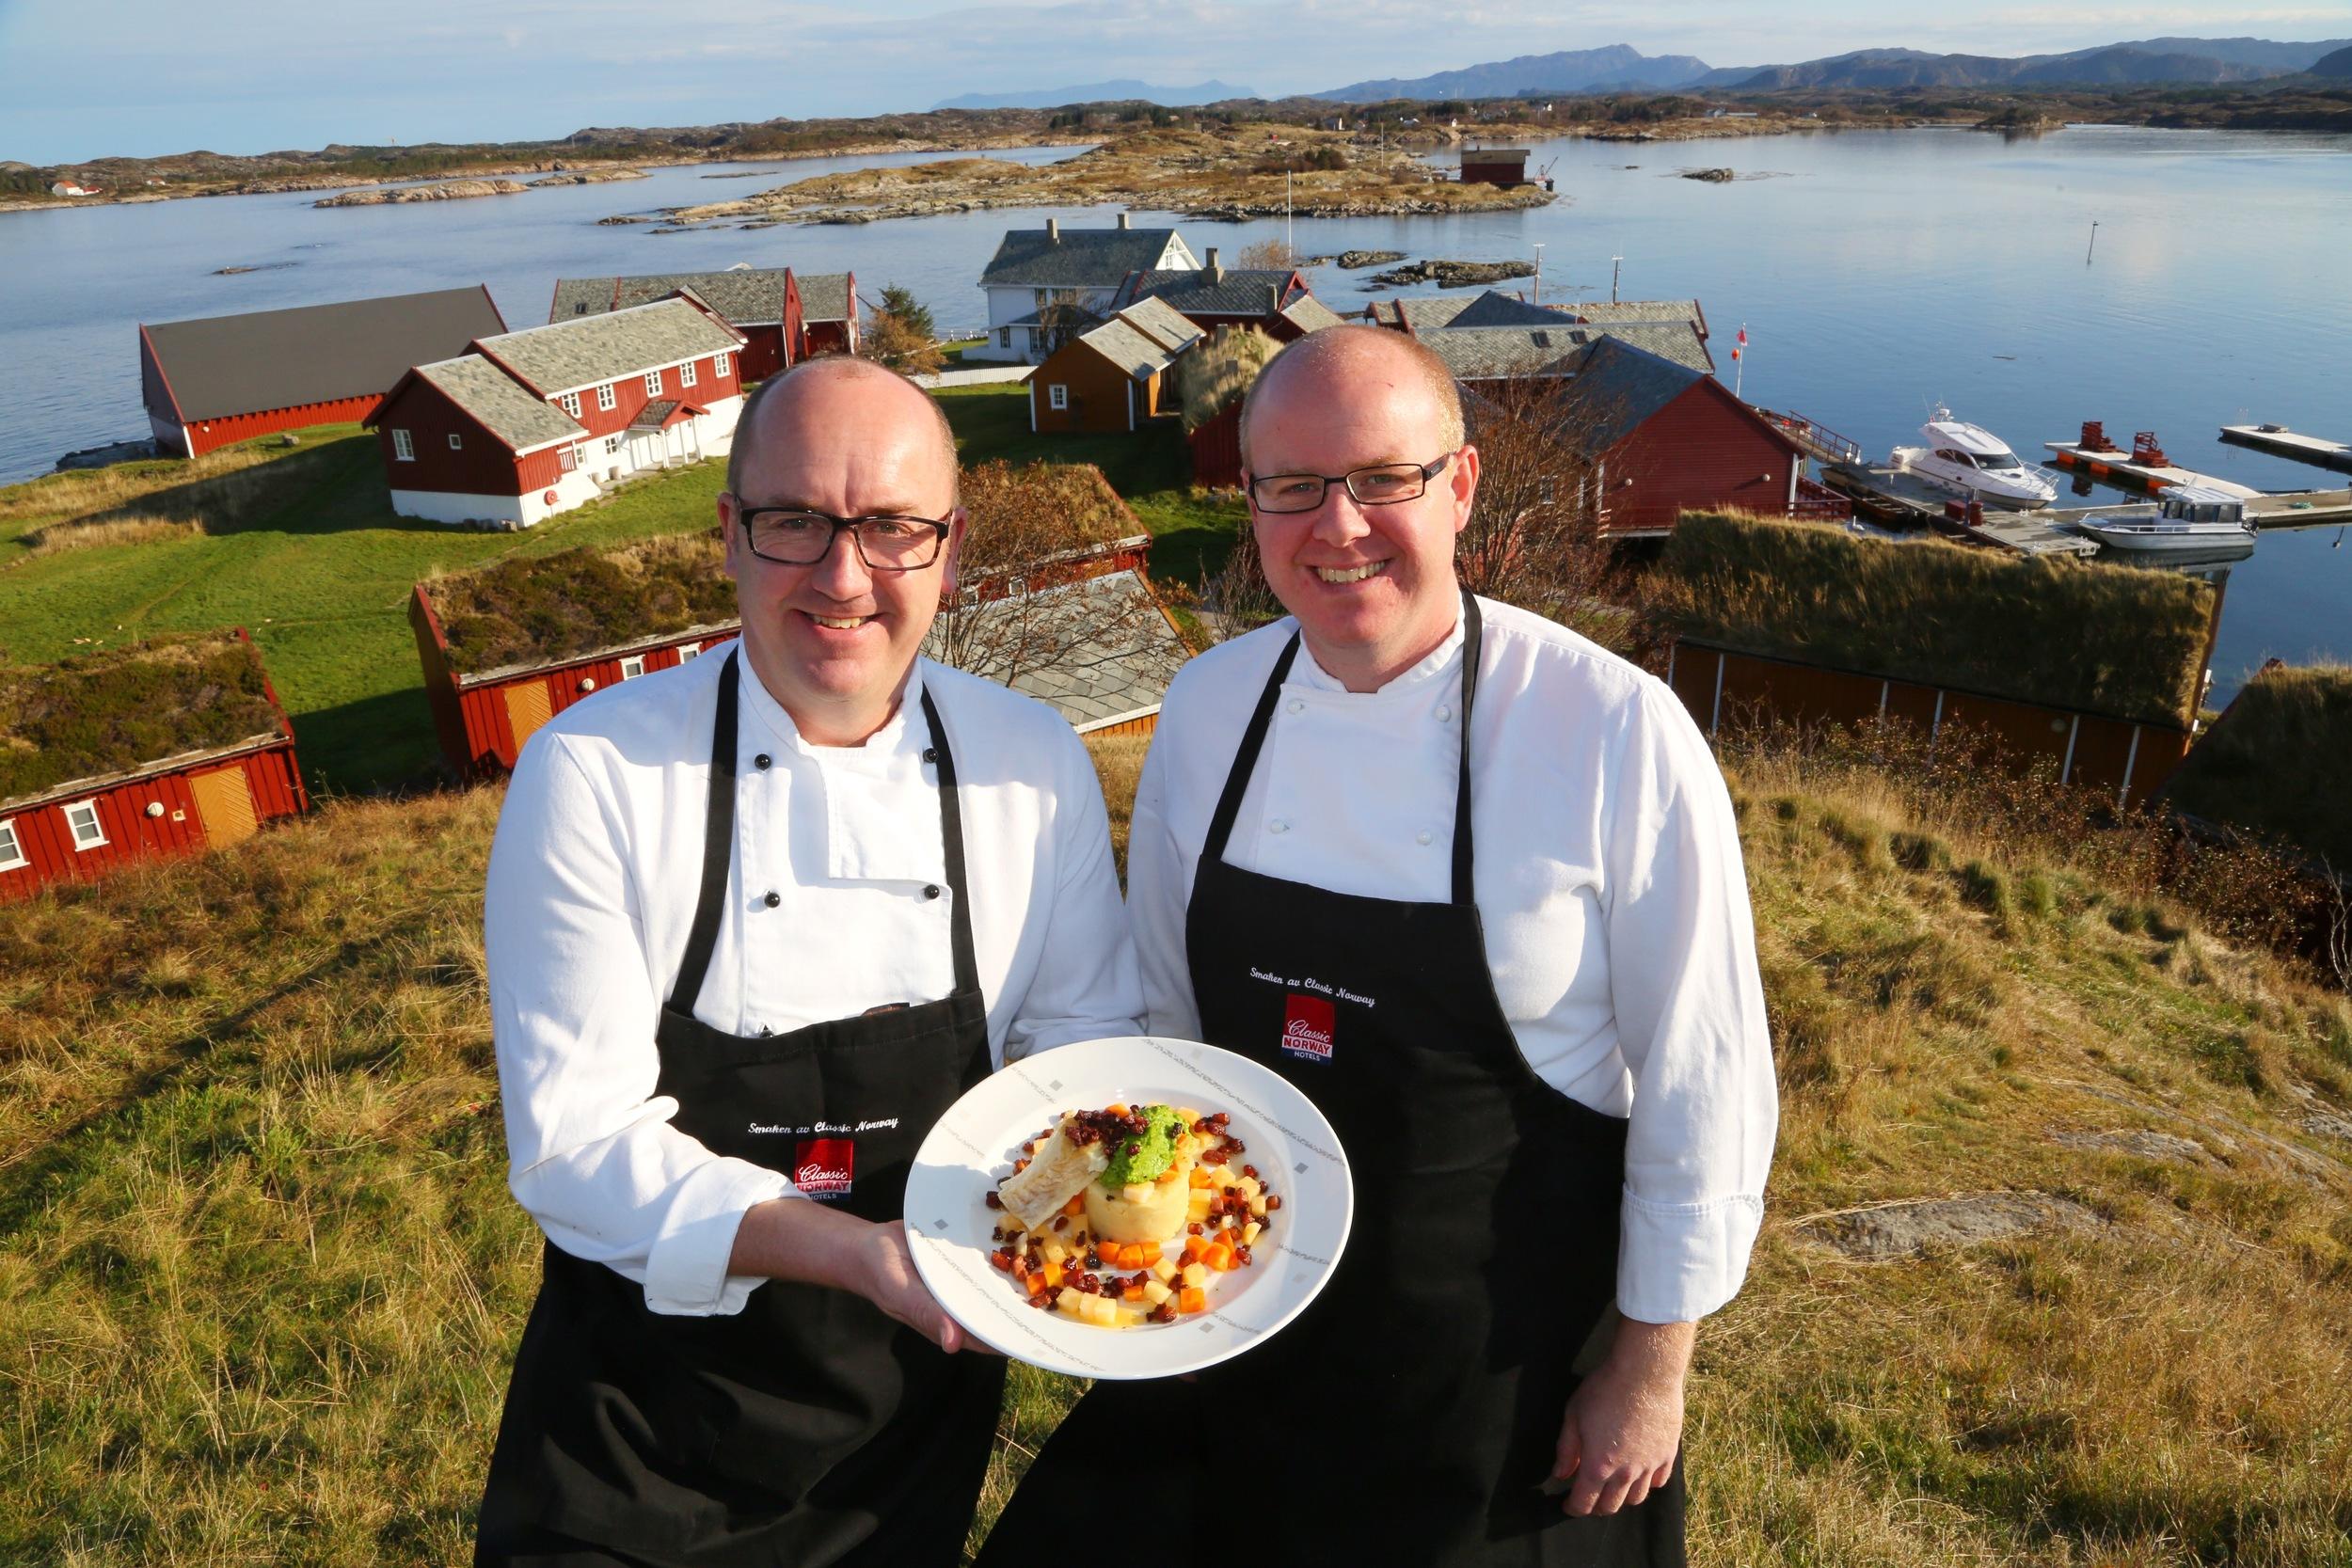 Olav Kåre Jørgensen (tv) og Stian Røsand med væreierens klippfiskrygg. Foto: Odd Roar Lange